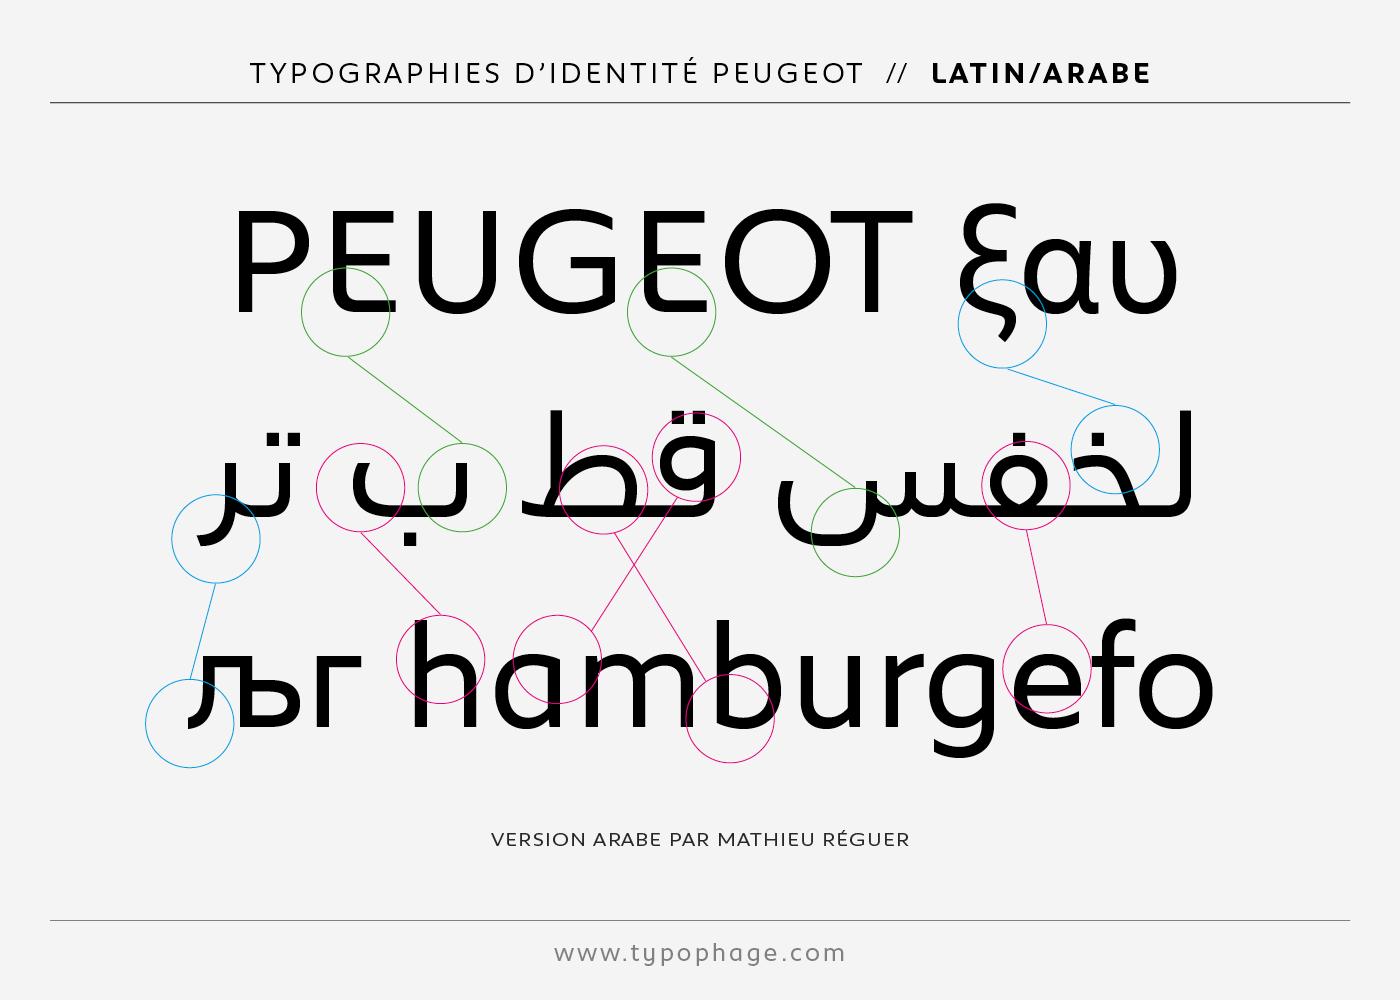 Typographies d'identité Peugeot Spécimen de caractères, versions arabes.